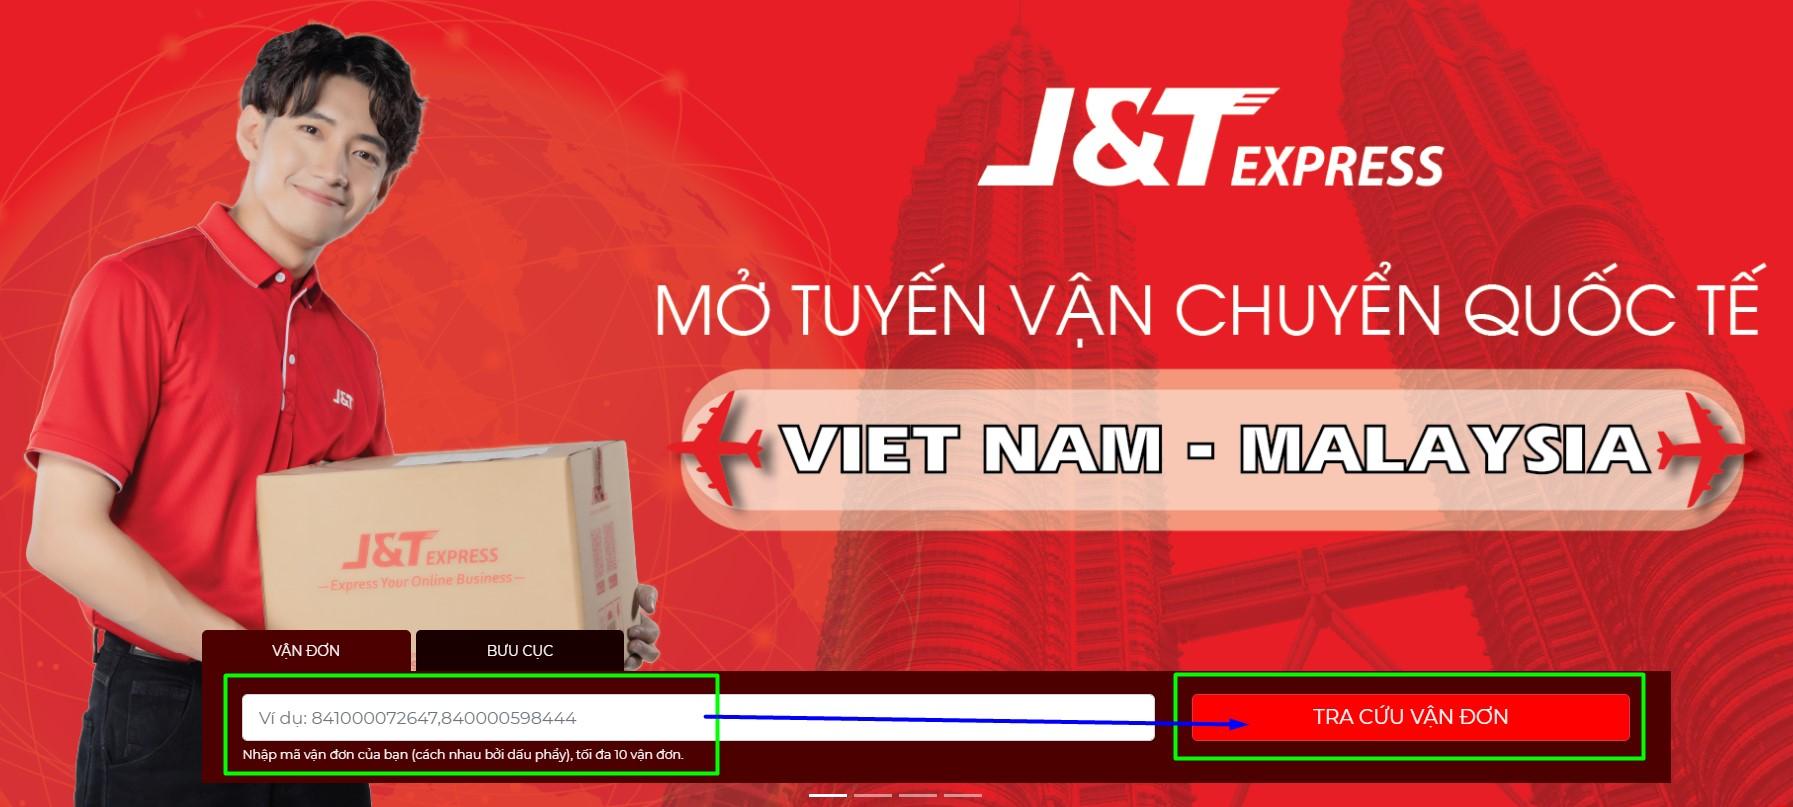 Tra cứu mã vận đơn xử lý bởi J&T Express VN